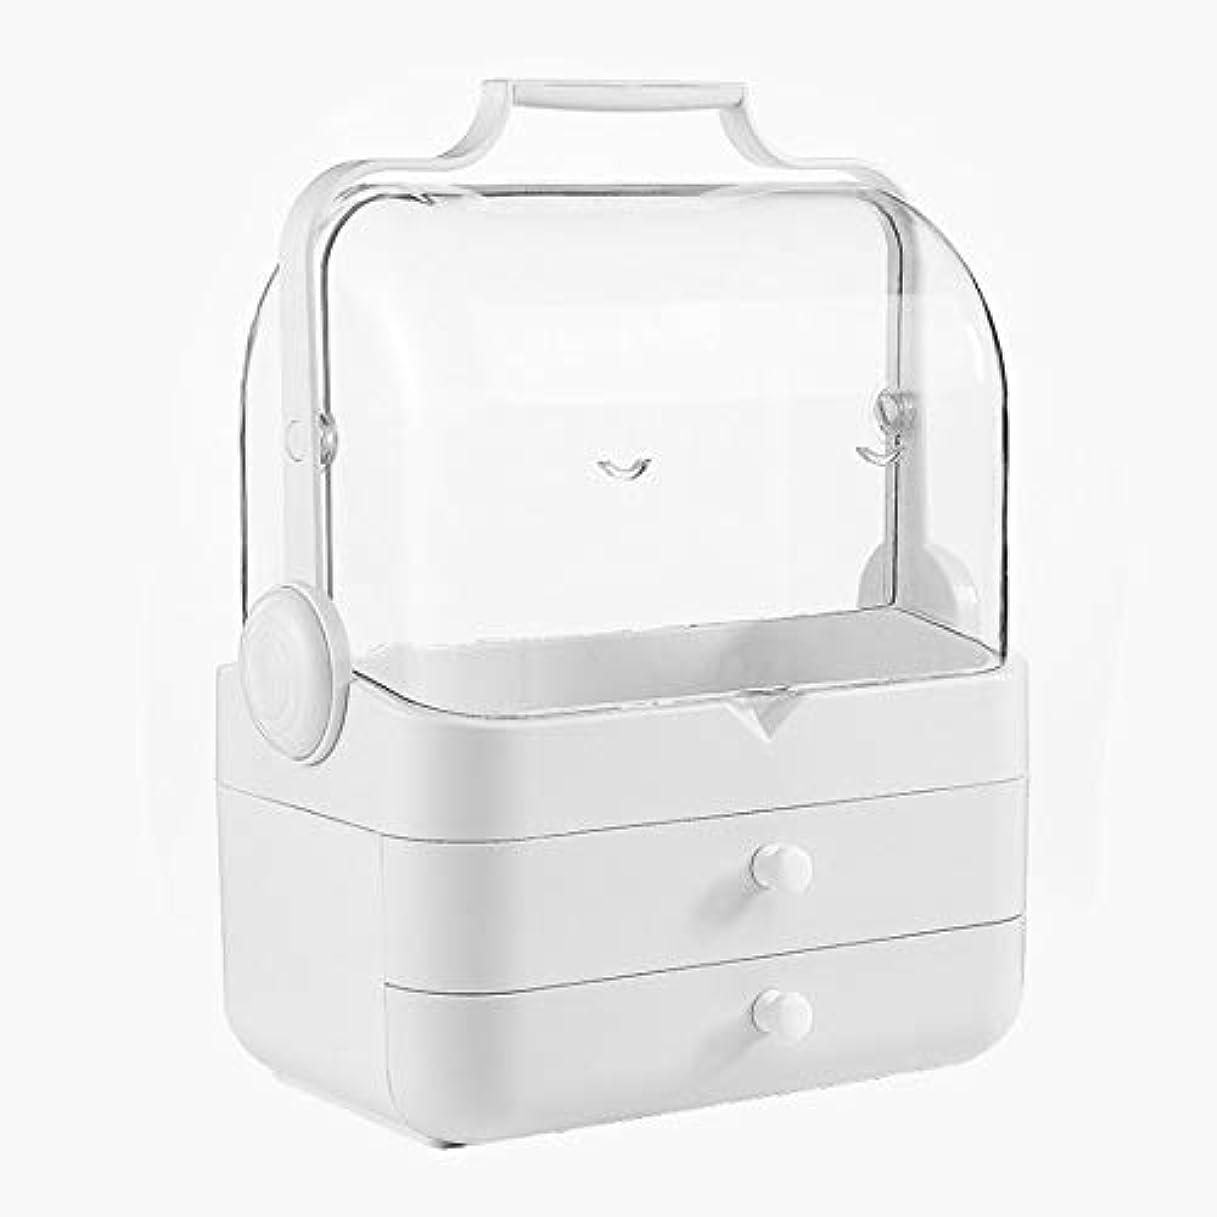 説明意味雨化粧箱、白い大容量フリップ防塵化粧品ケース、ポータブル旅行化粧品ケース、美容ネイルジュエリー収納ボックス